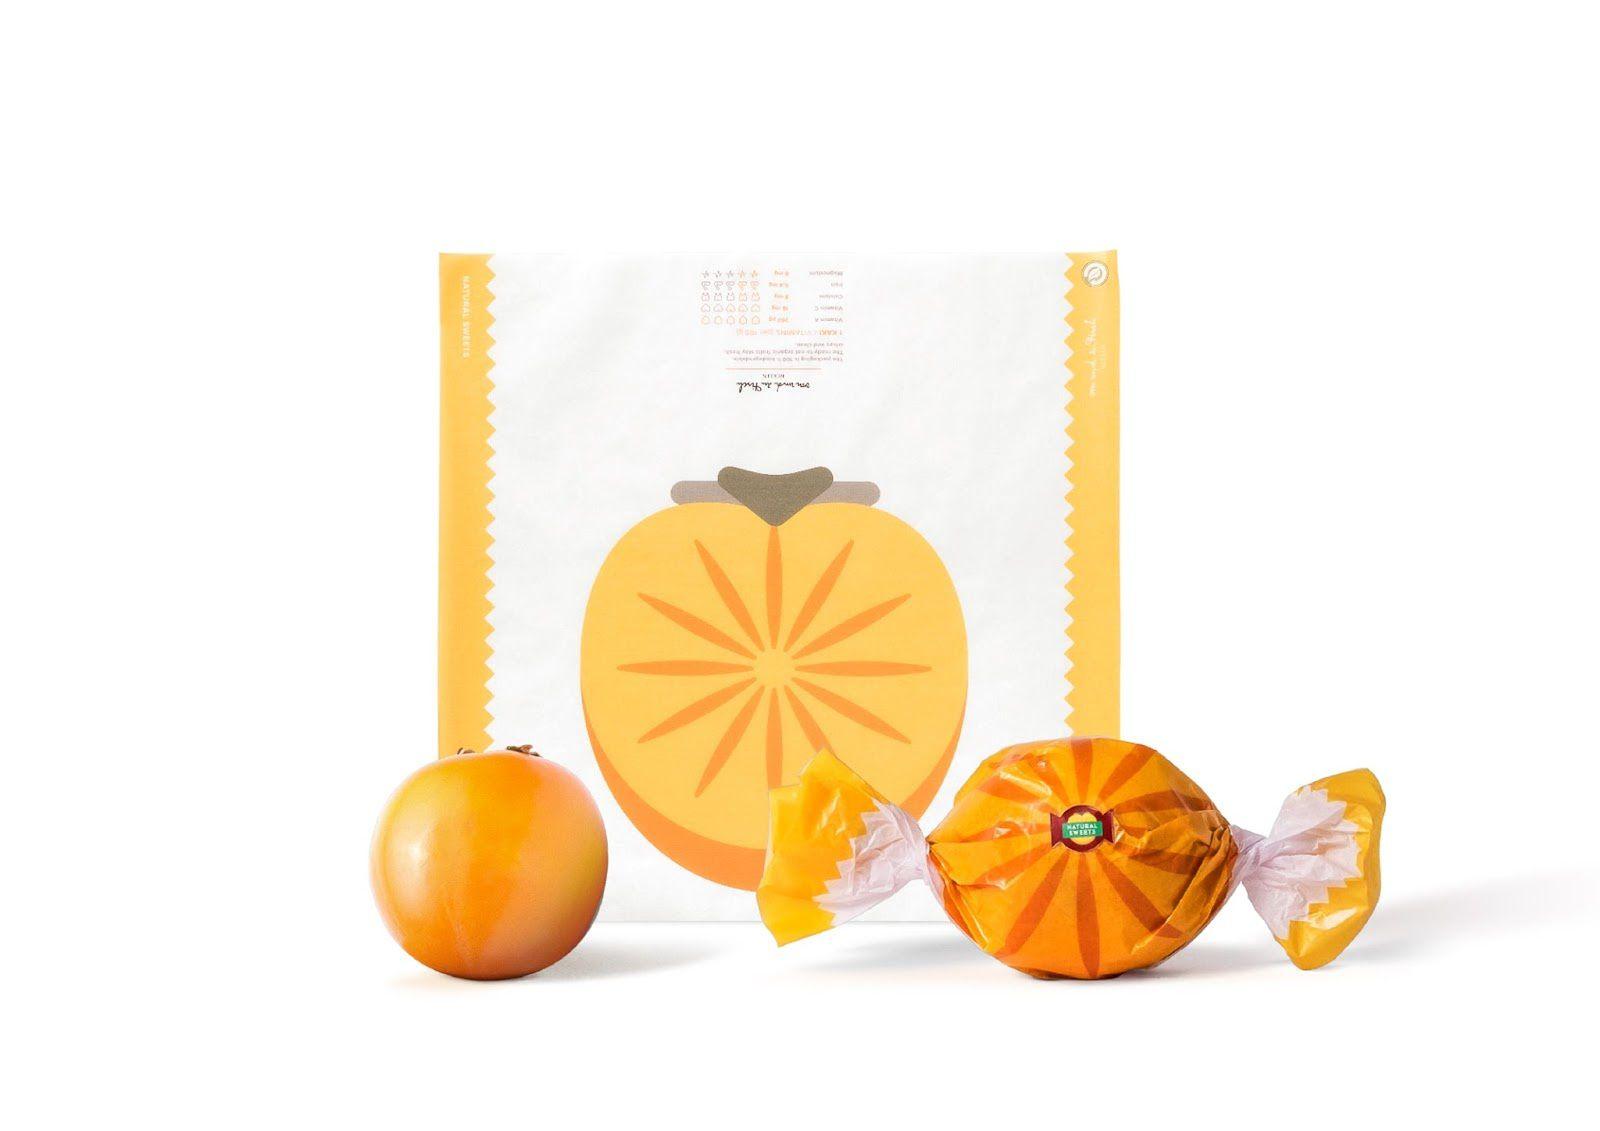 Natural Sweets - Von und zu Tisch (fruits) I Design : Scholz & Friends Berlin, Berlin, Allemagne (mai 2017)